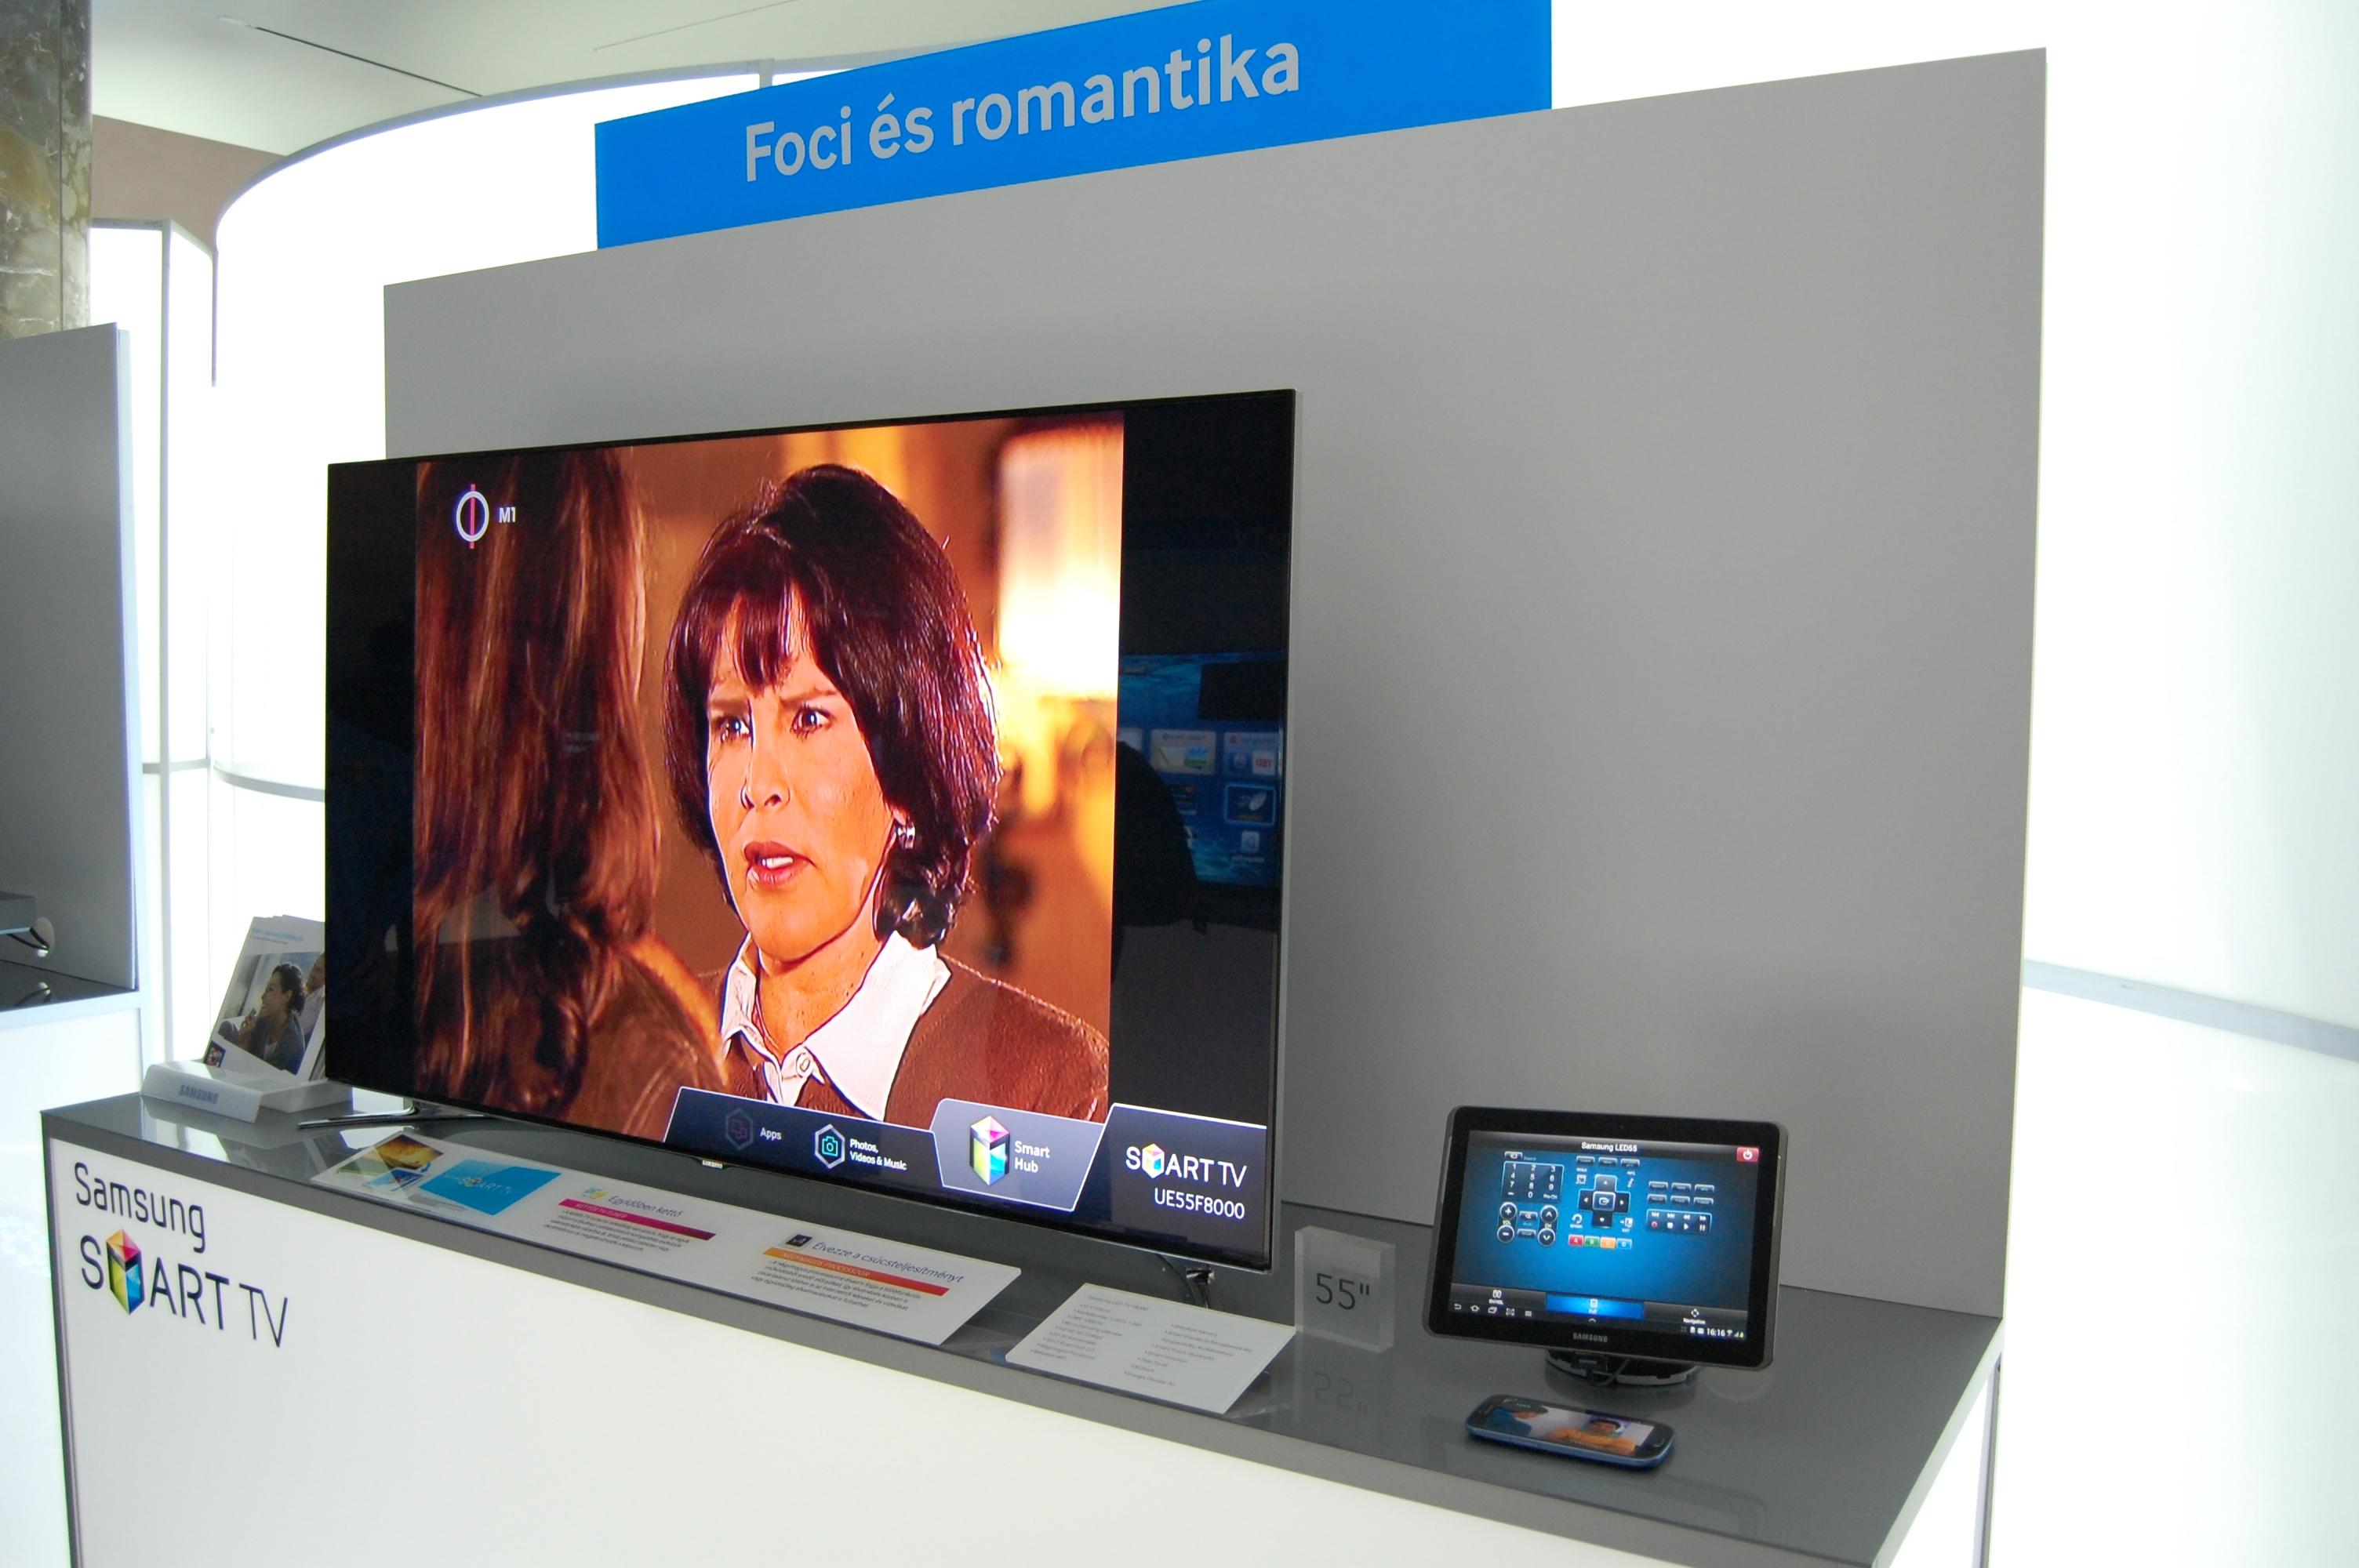 Megérkeztek hazánkba az idei Samsung Smart tévék - PROHARDVER! TV